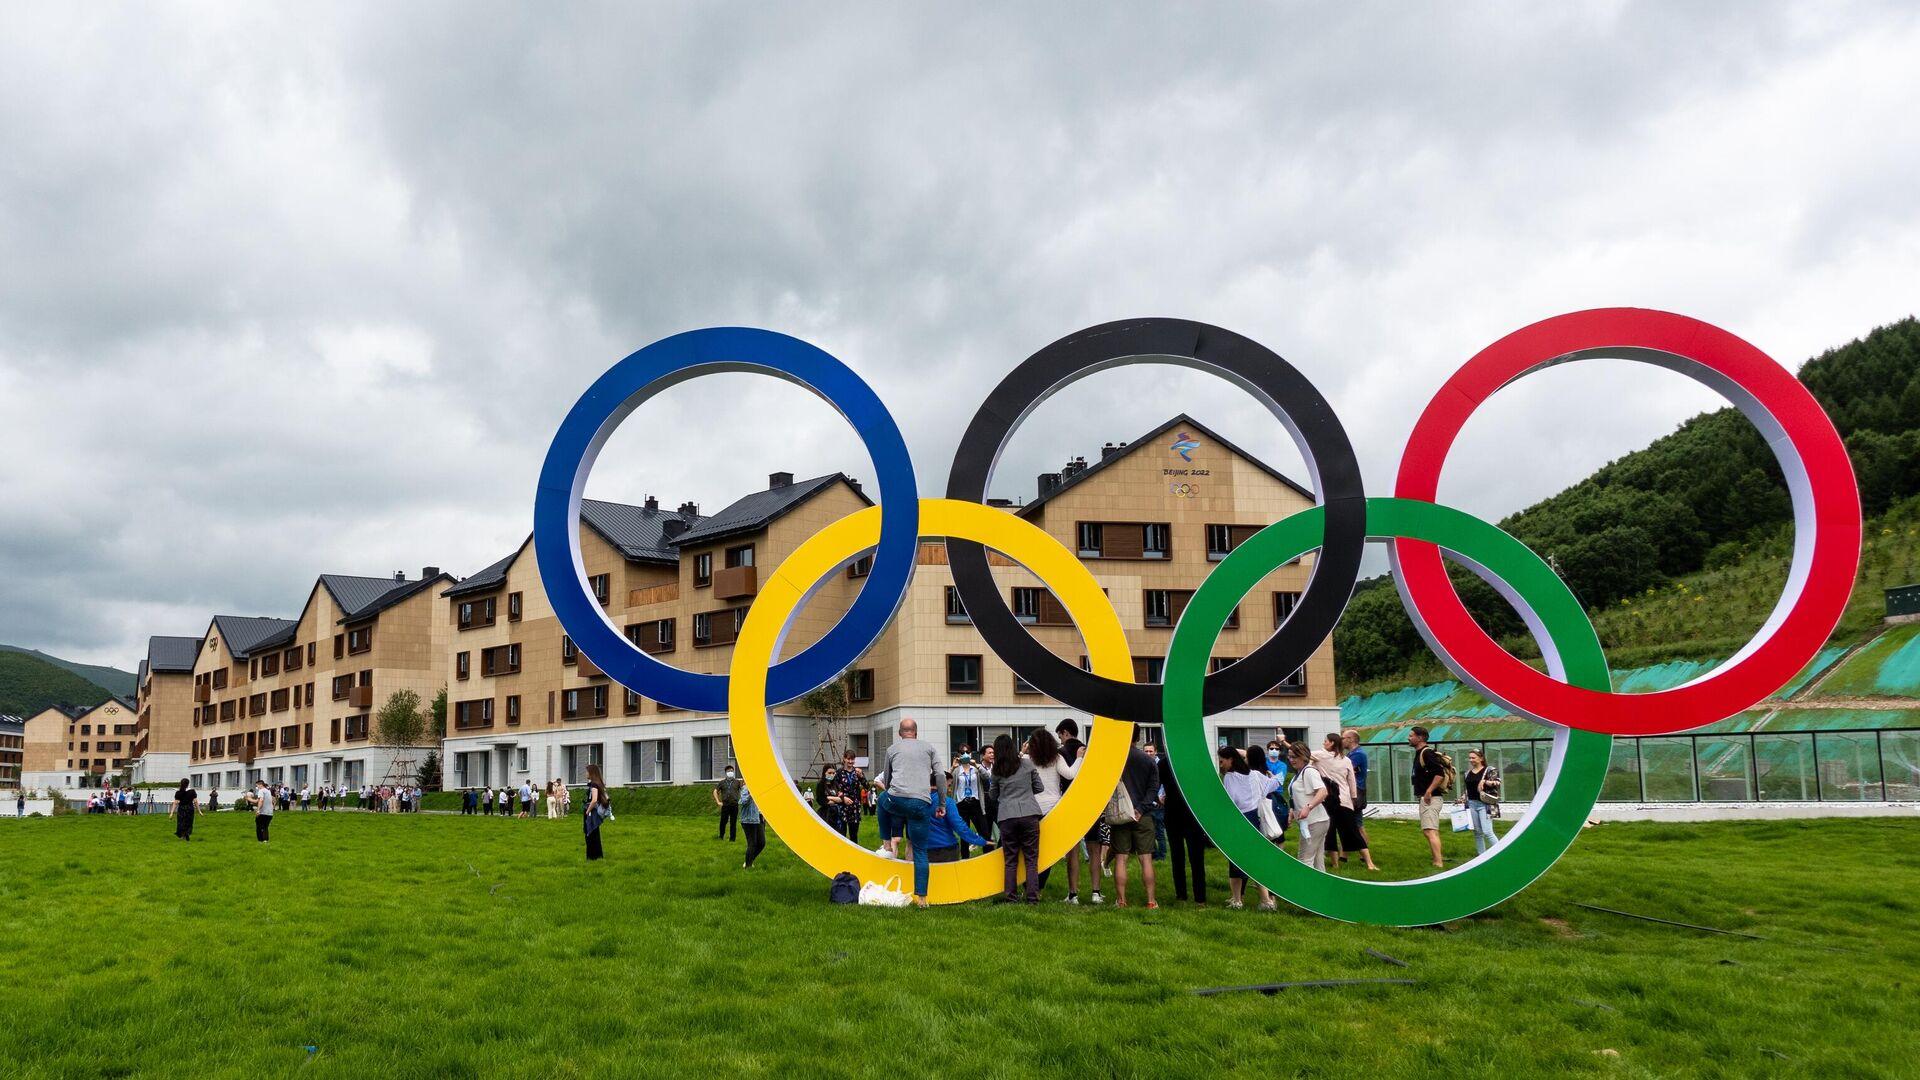 Олимпийские объекты зимних Олимпийских игр-2022 в Пекине - Sputnik Узбекистан, 1920, 30.09.2021